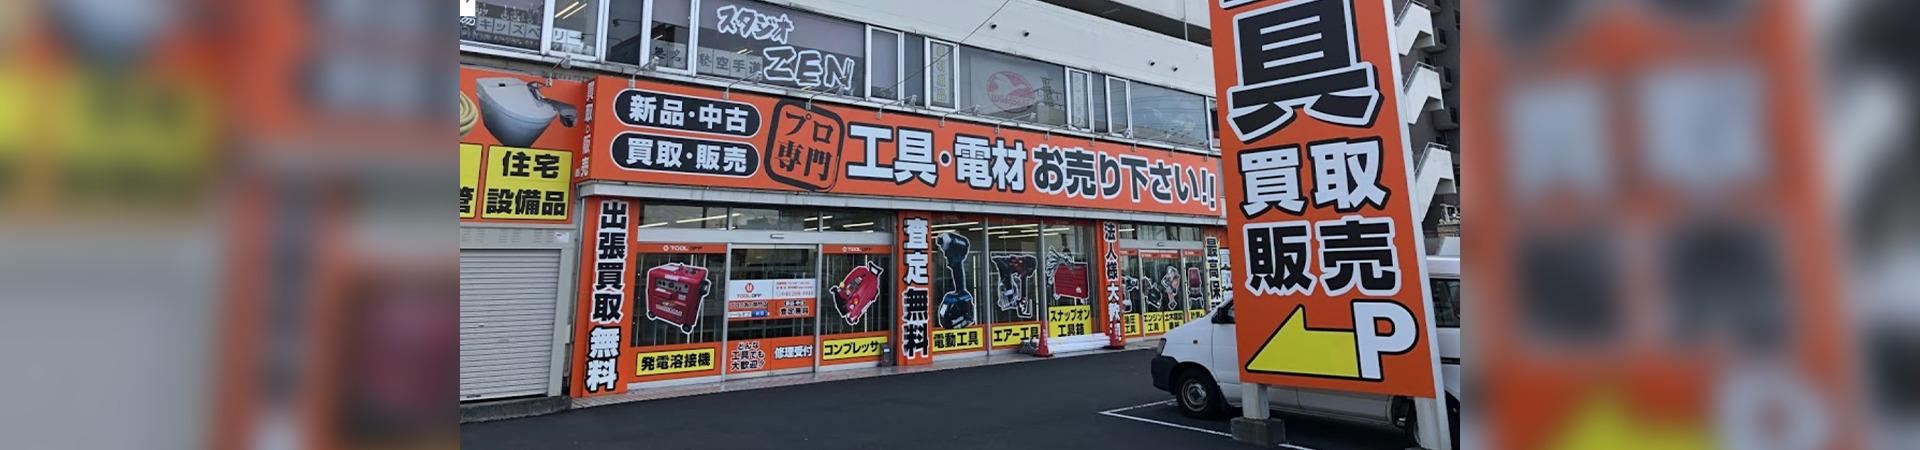 静岡県で工具の買取ならツールオフへ